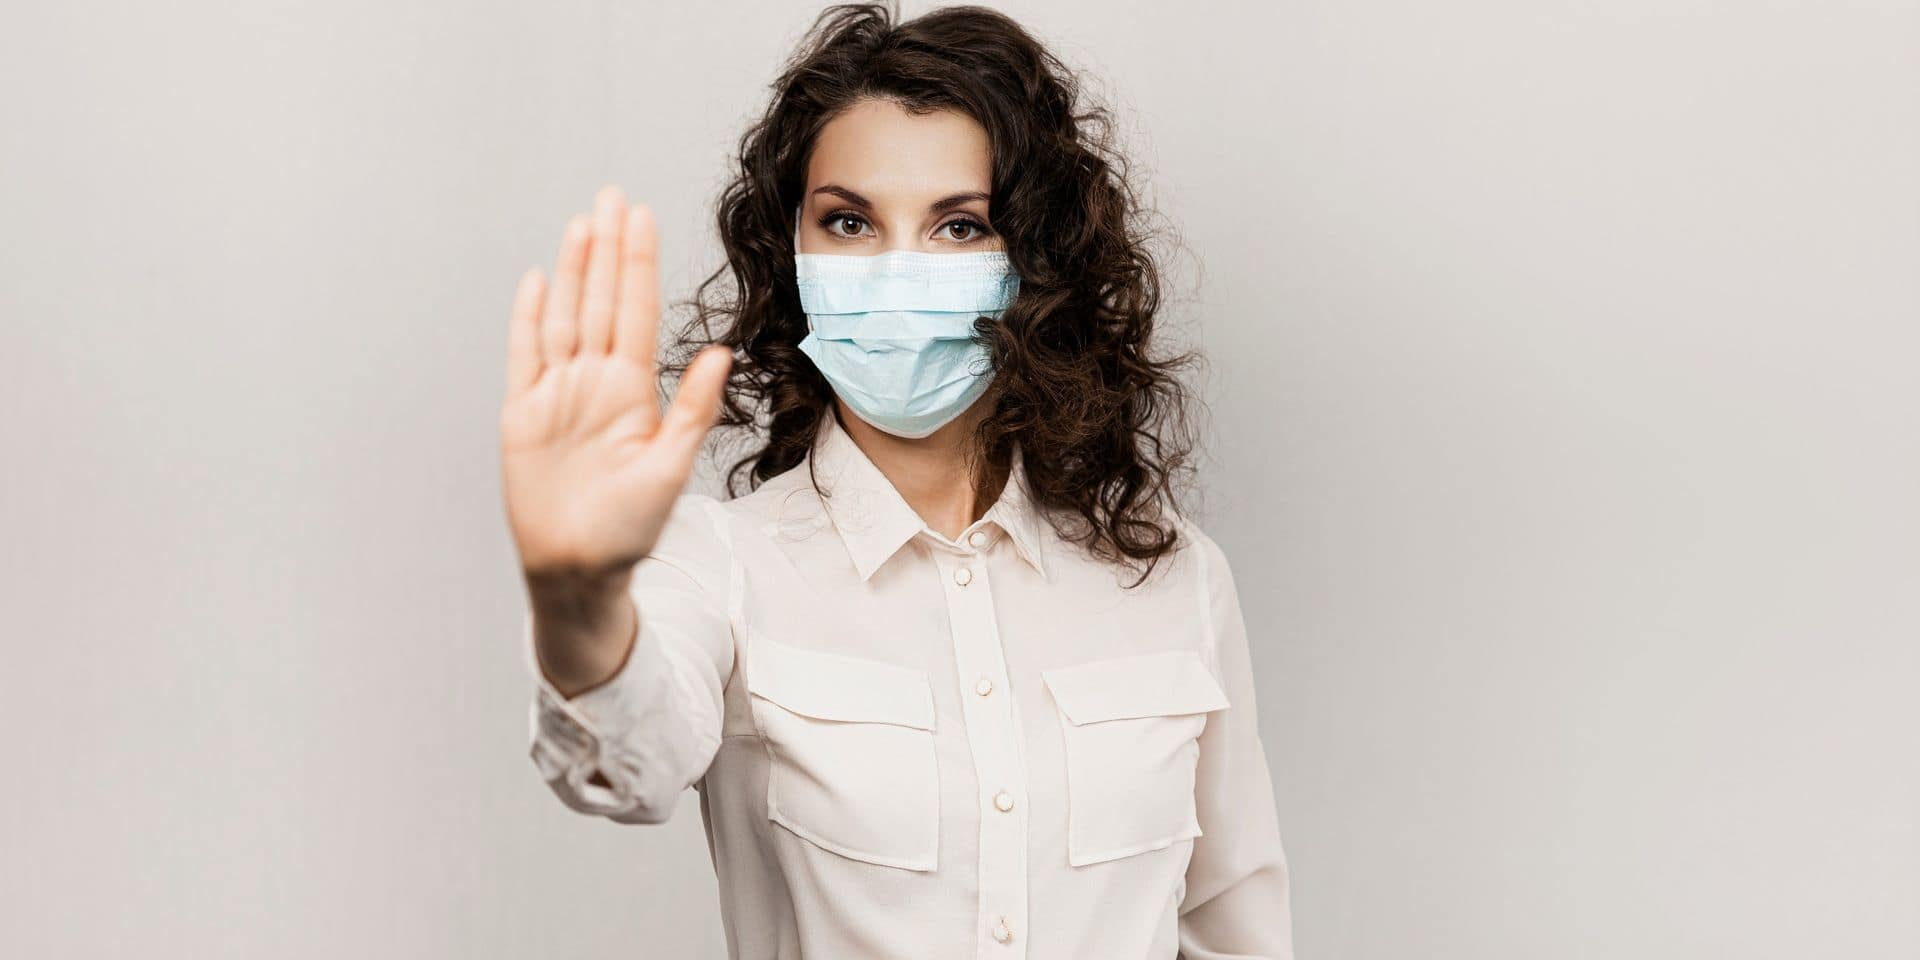 Le coronavirus se propage-t-il par la parole? Une nouvelle étude apporte des réponses